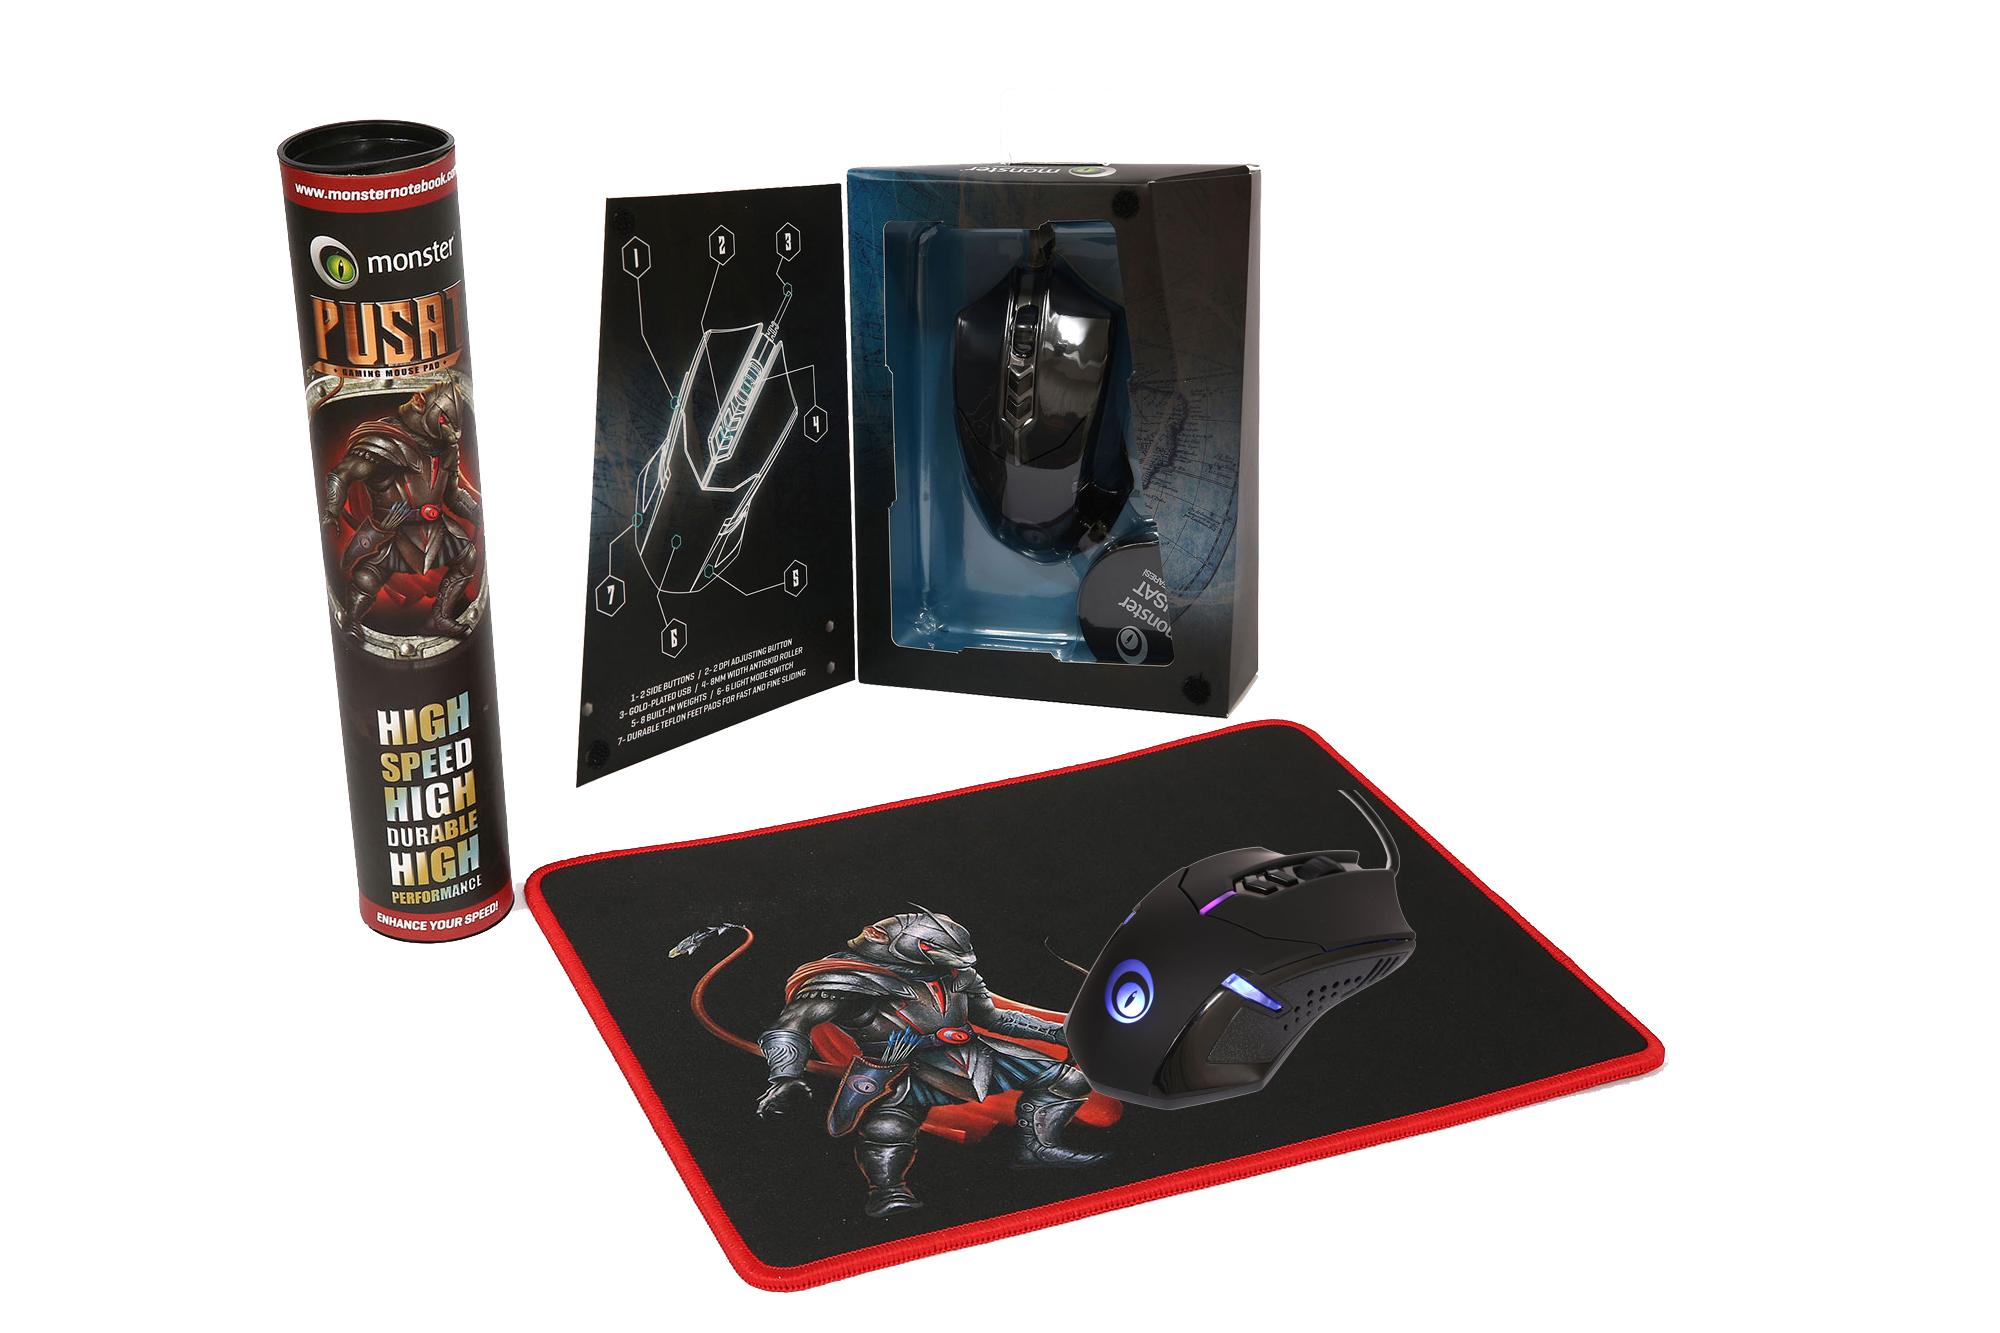 Monster Pusat V1 Gaming Mouse - Pusat Gaming Pad